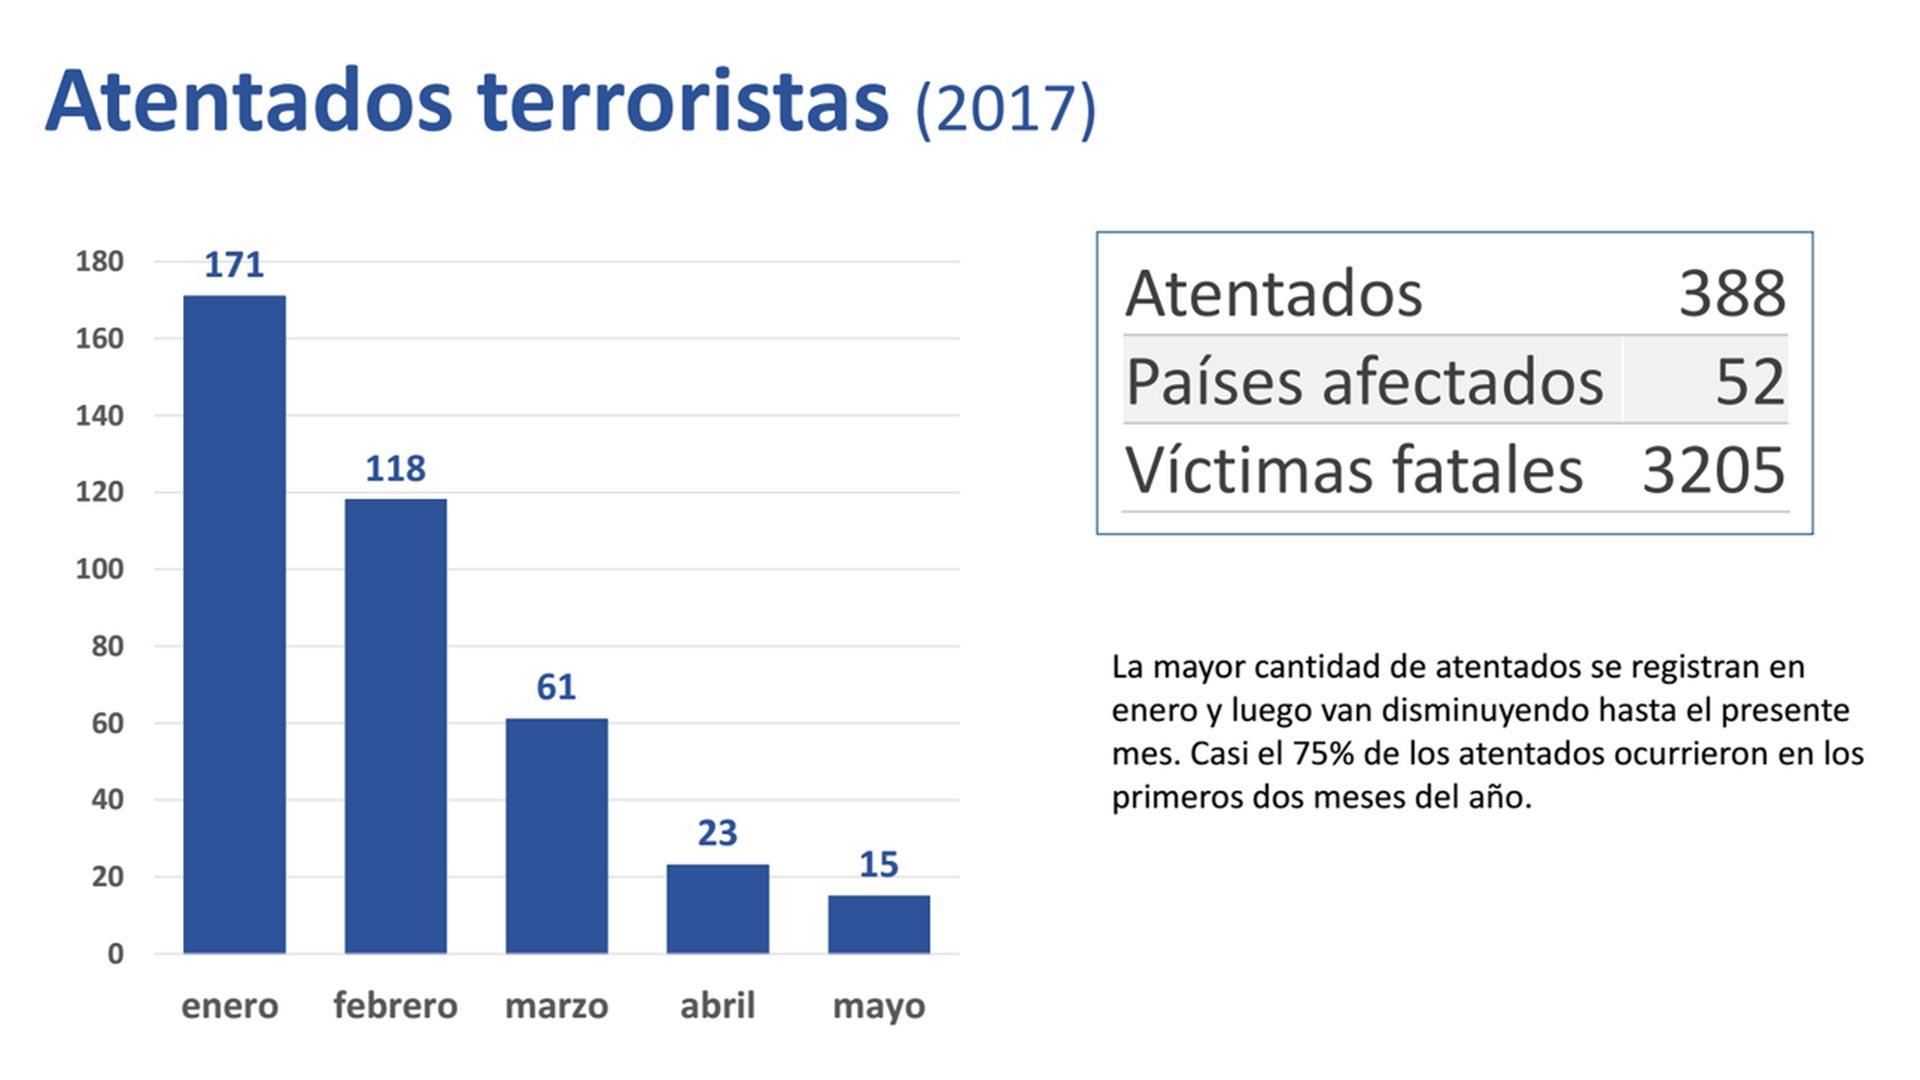 graficos-atentados-terroristas-2017-4